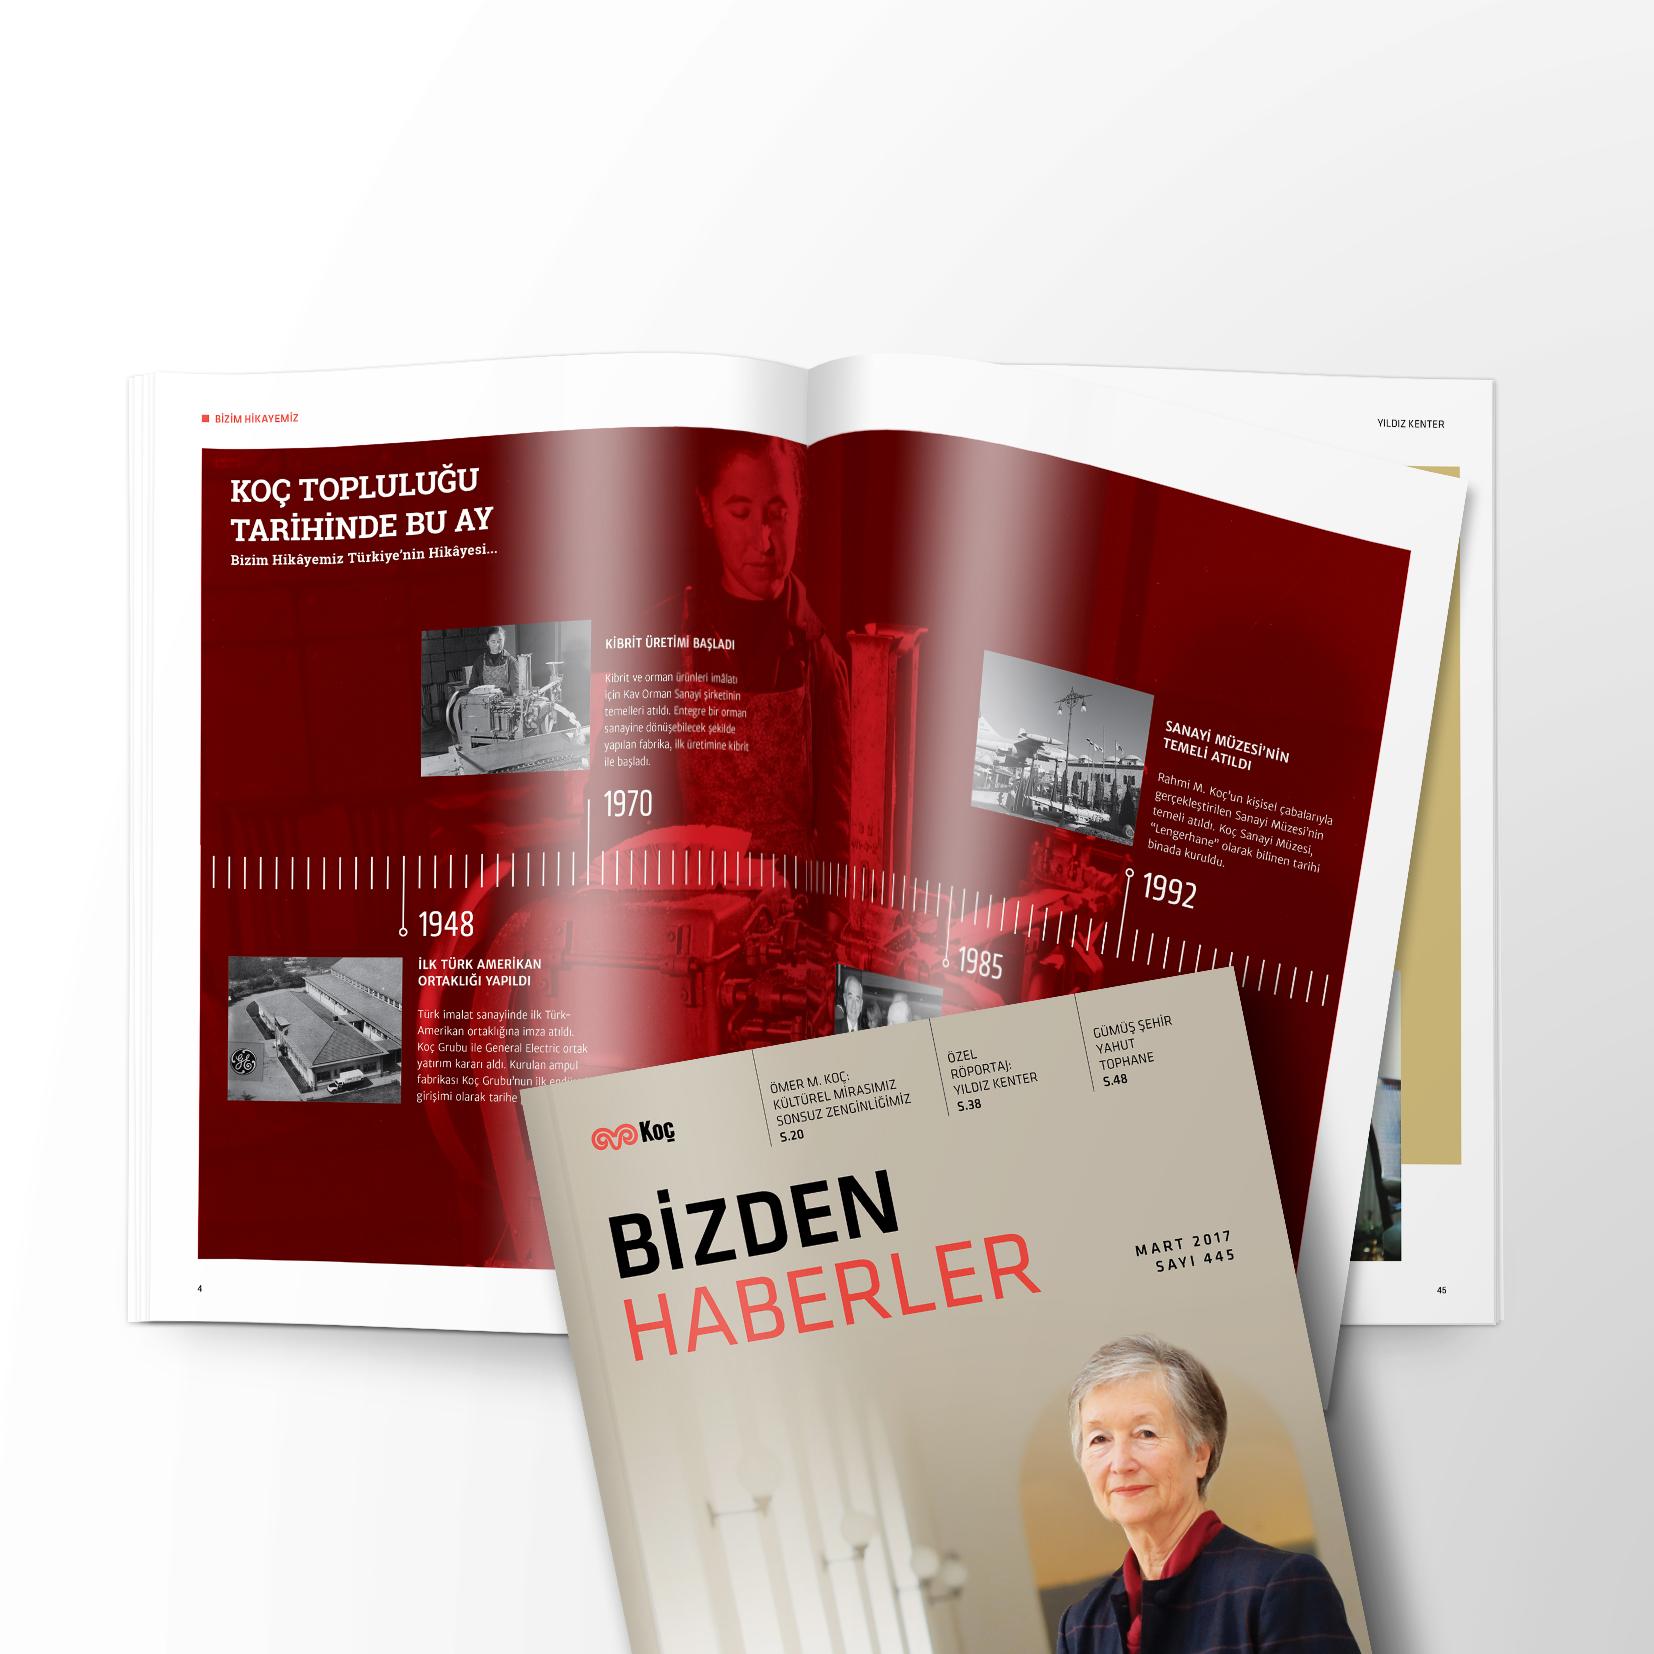 Koç Grubu'nun Kurumsal Dergisi Bizden Haberler Lom Creative tarafından tasarlanıyor.